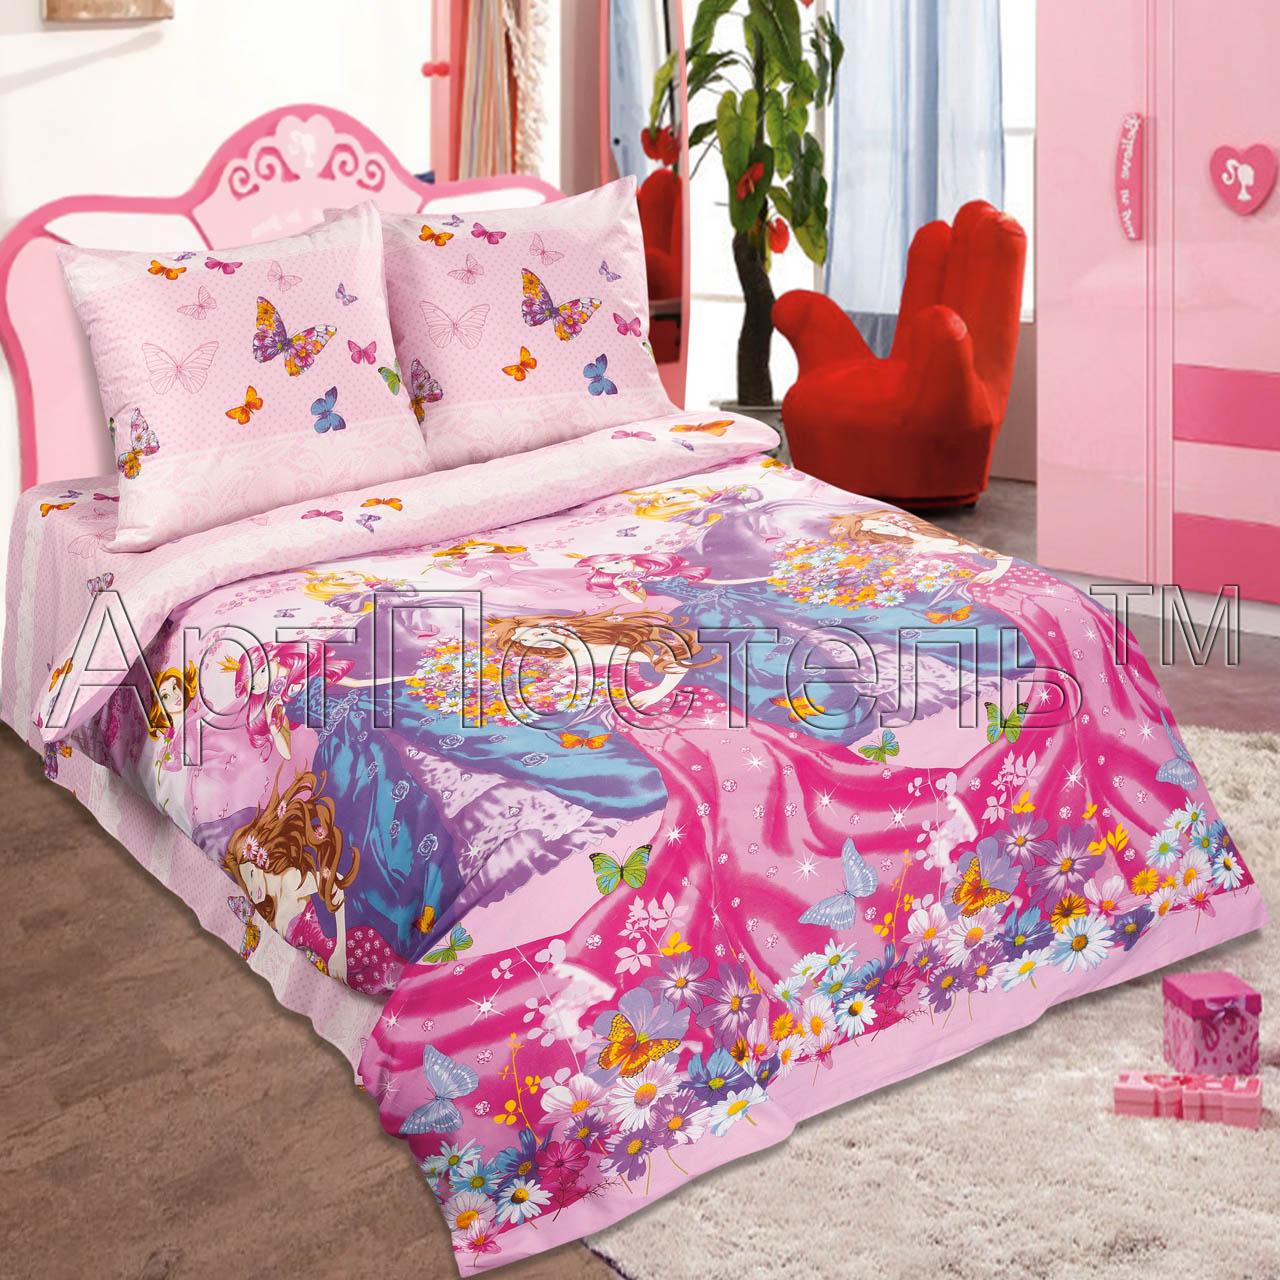 Детский комплект  Мечта красавицы , размер 1,5 сп. - Постельное белье артикул: 7875